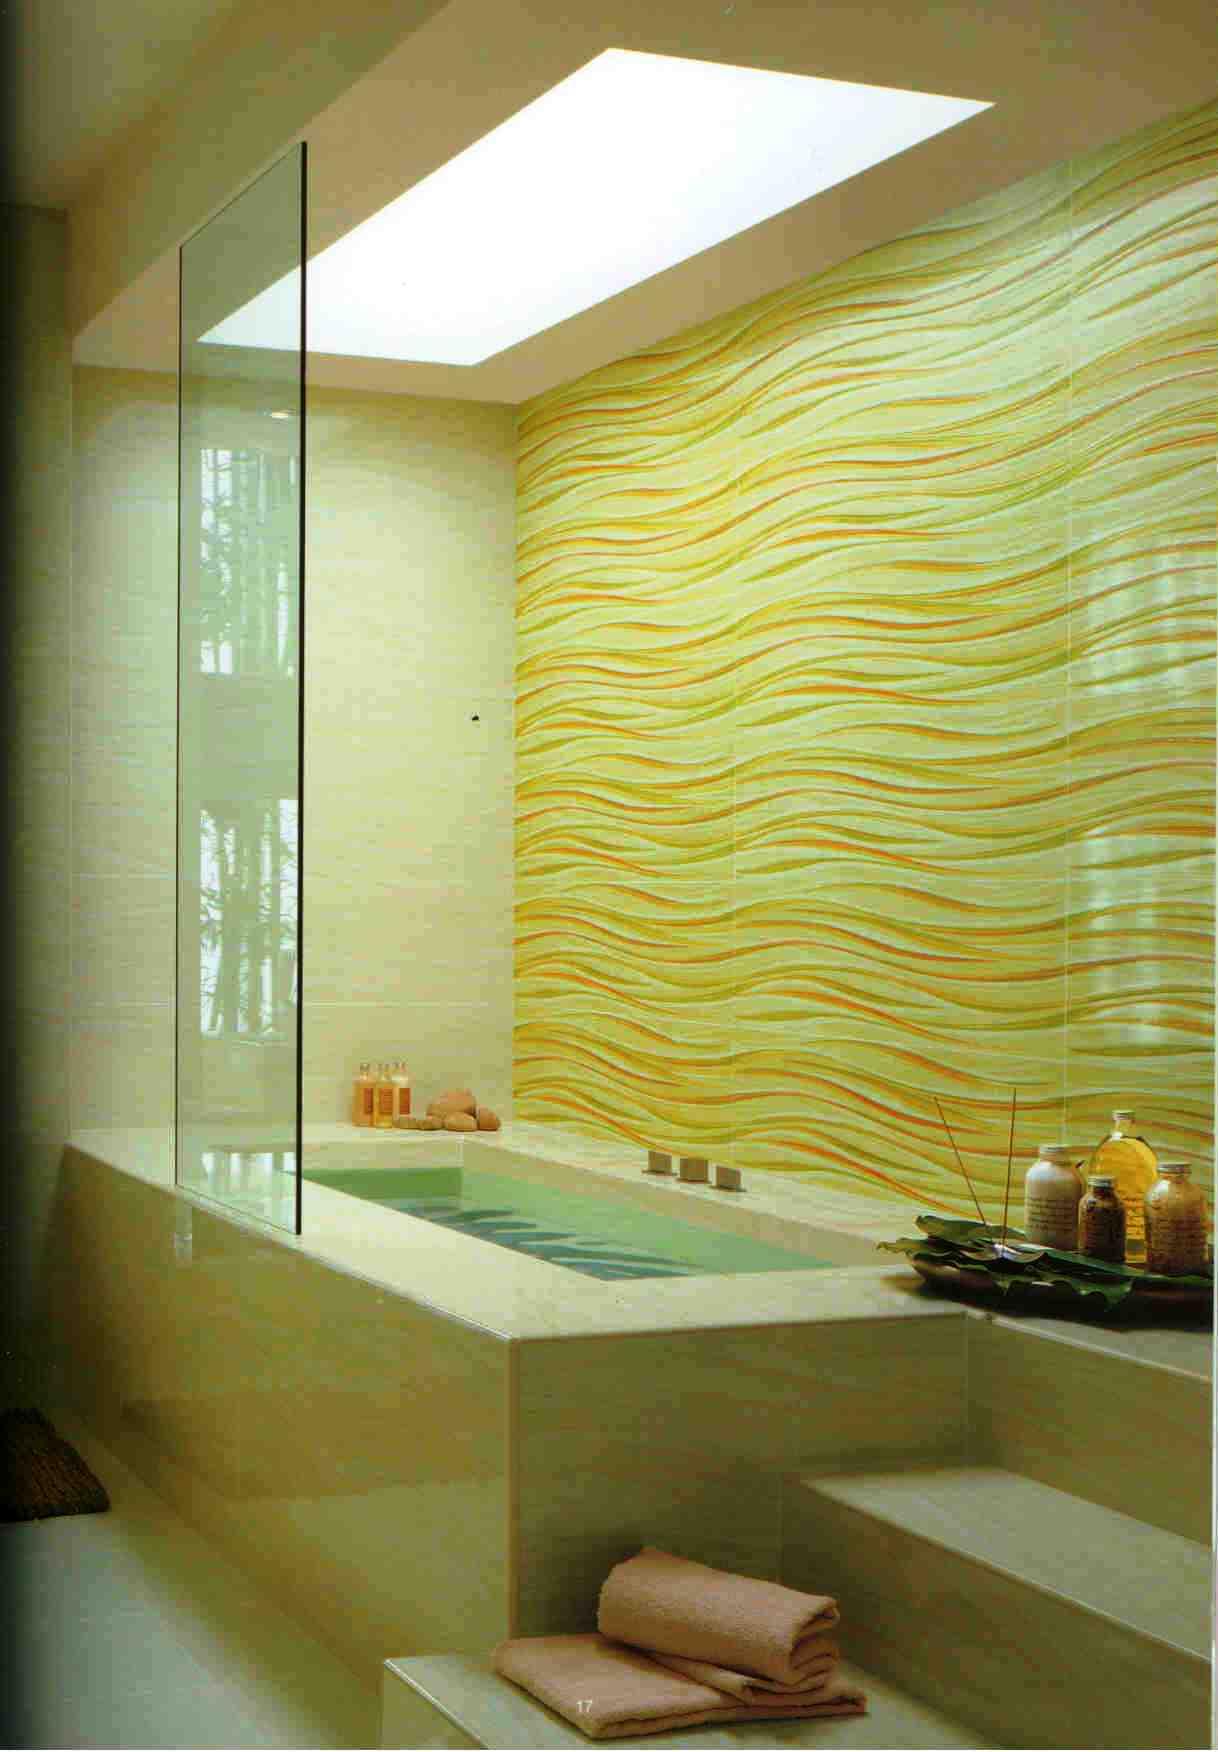 Pisos Para Baños Ceramica Italia:de pared y piso de cerámica para cuartos de baño-Cerámica